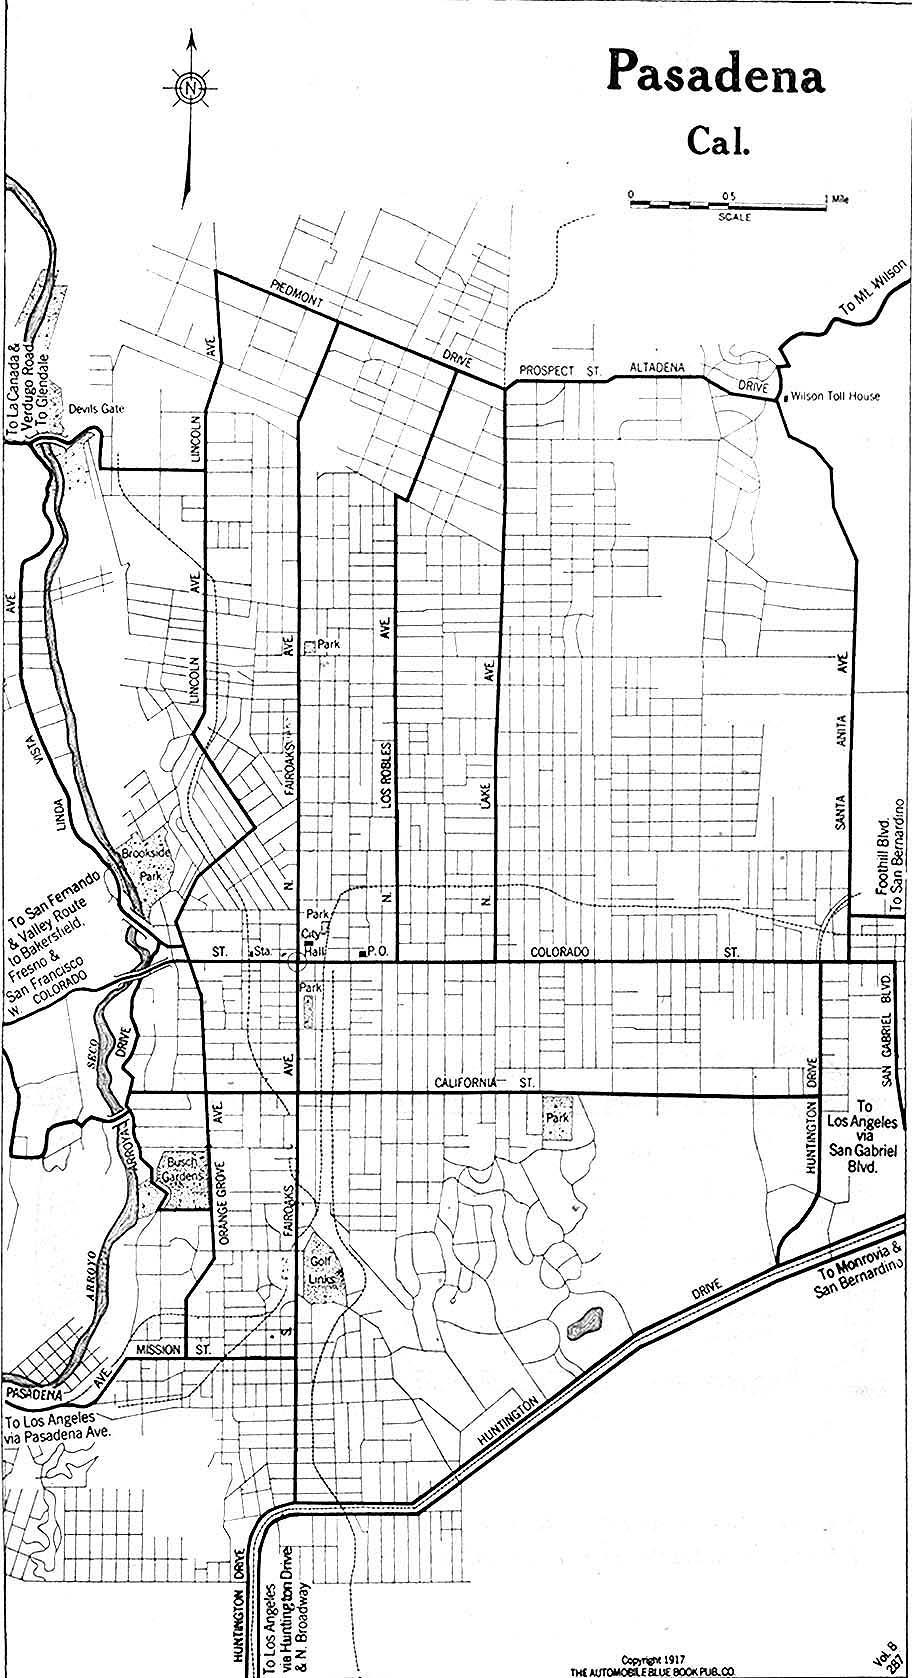 Mapa de la Ciudad de Pasadena, California, Estados Unidos 1917